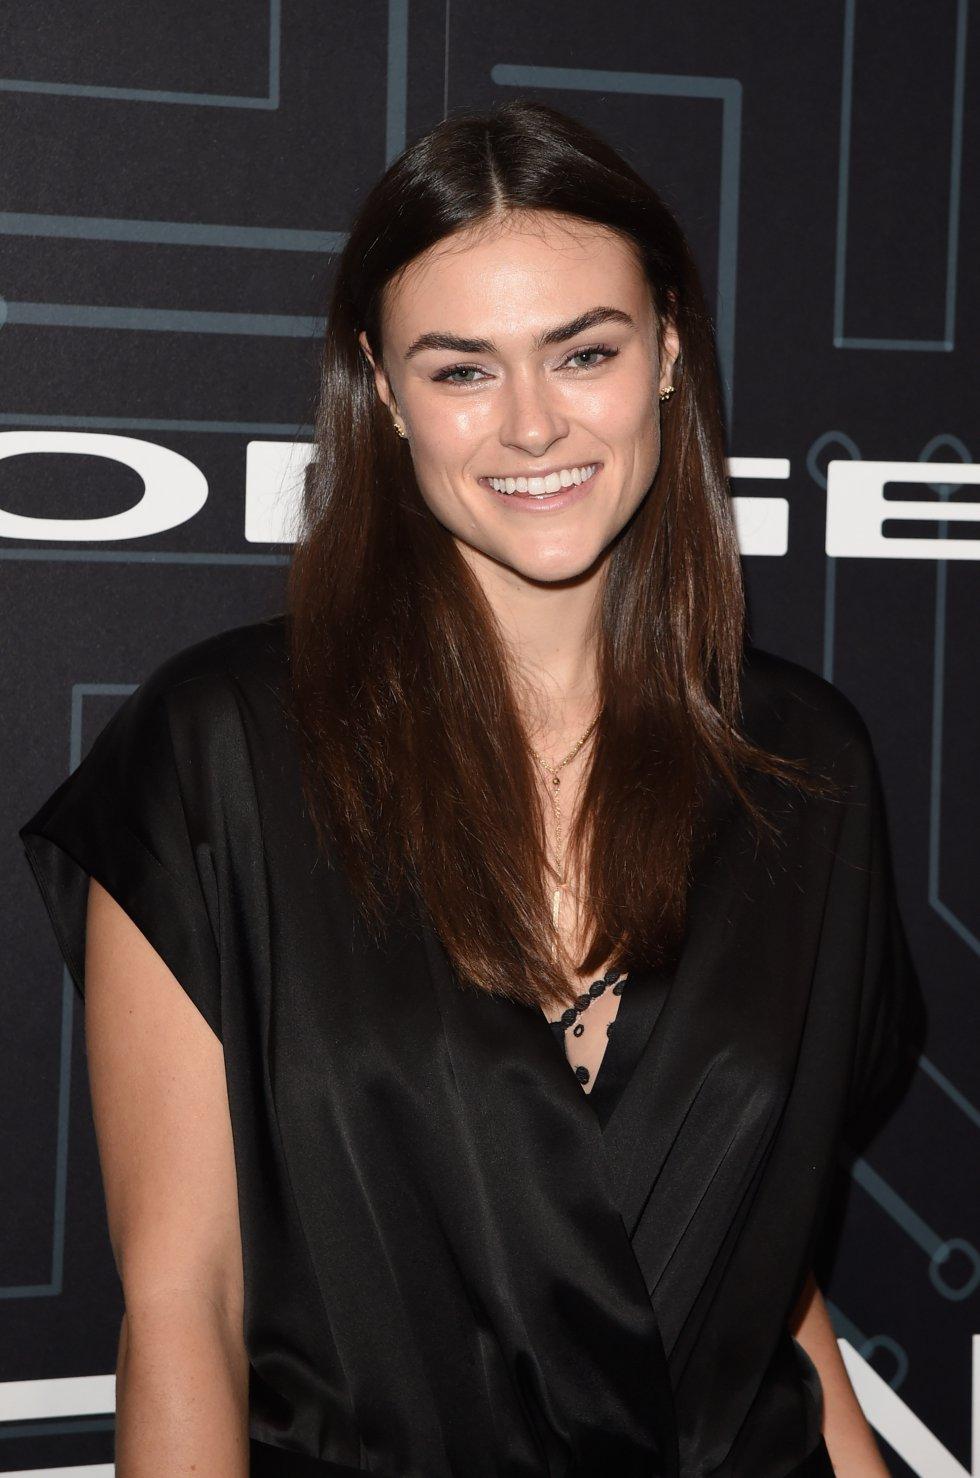 Luego que salió en Calvin Klein, Dalbesio, fue elegida por la revista Sports Illustrated en la edición Swimsuit Issue.